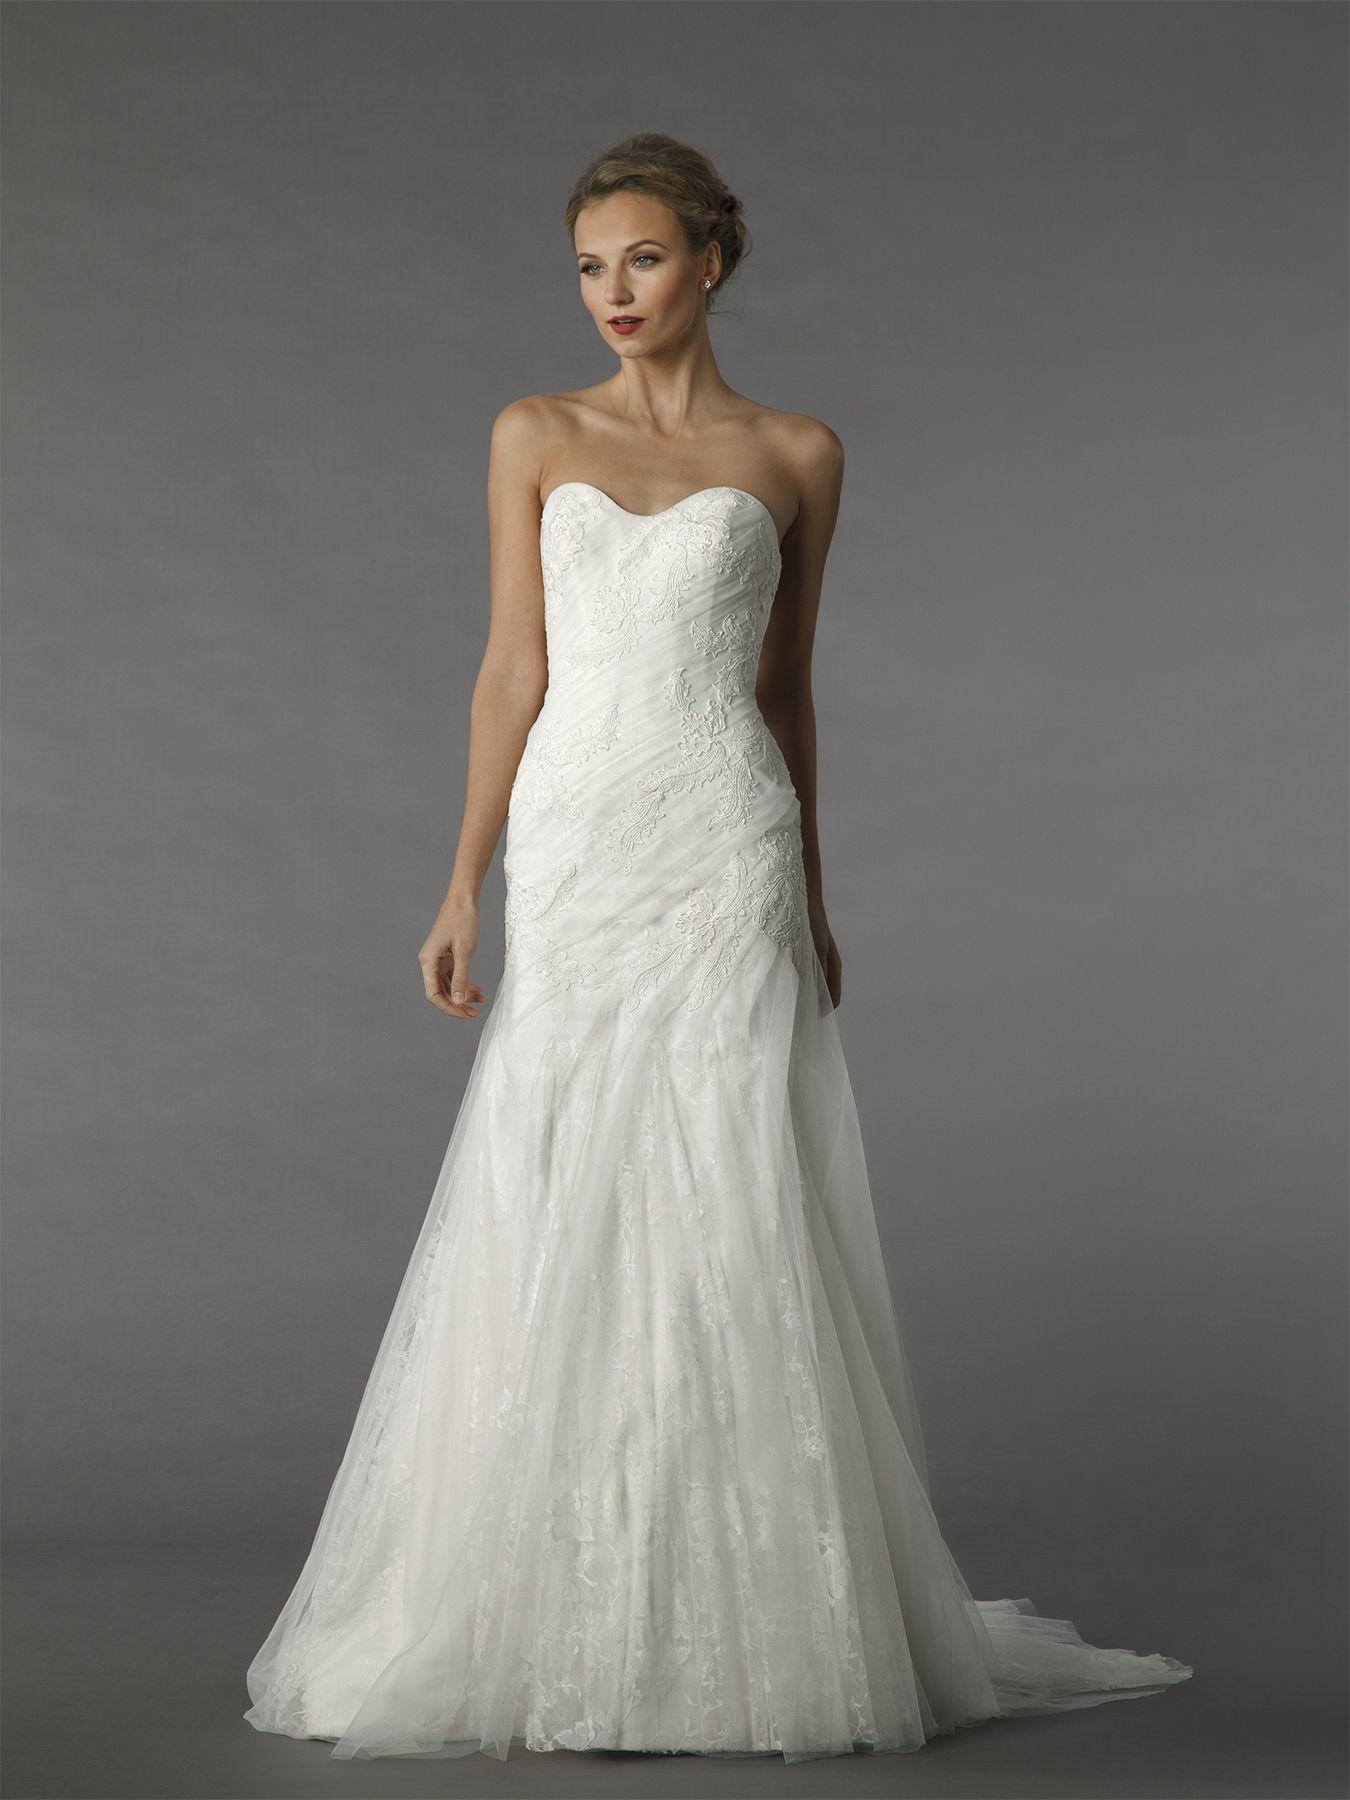 Ausgezeichnet Jorge Perez Hochzeitskleider Bilder - Hochzeit Kleid ...